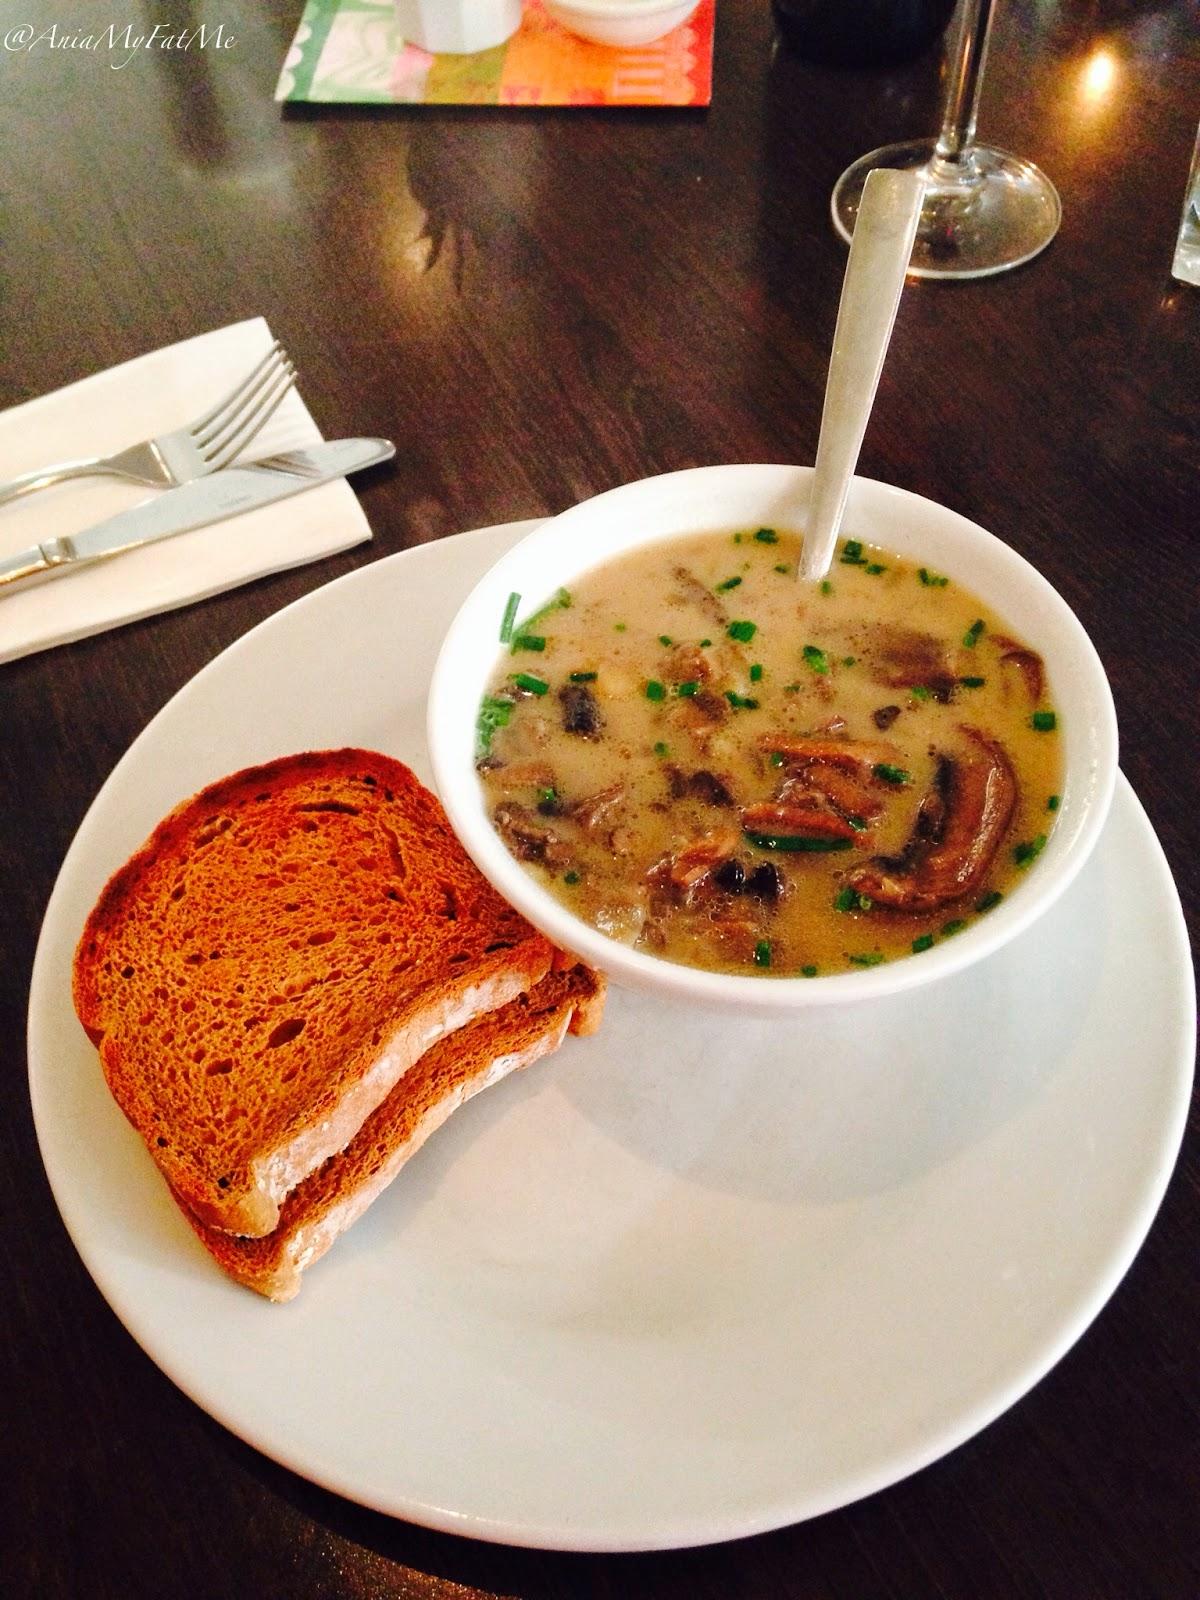 Carluccio's gluten free menu Zuppa di Funghi Con Pancetta rich soup of mushrooms and Italian bacon, served with gluten free bread.